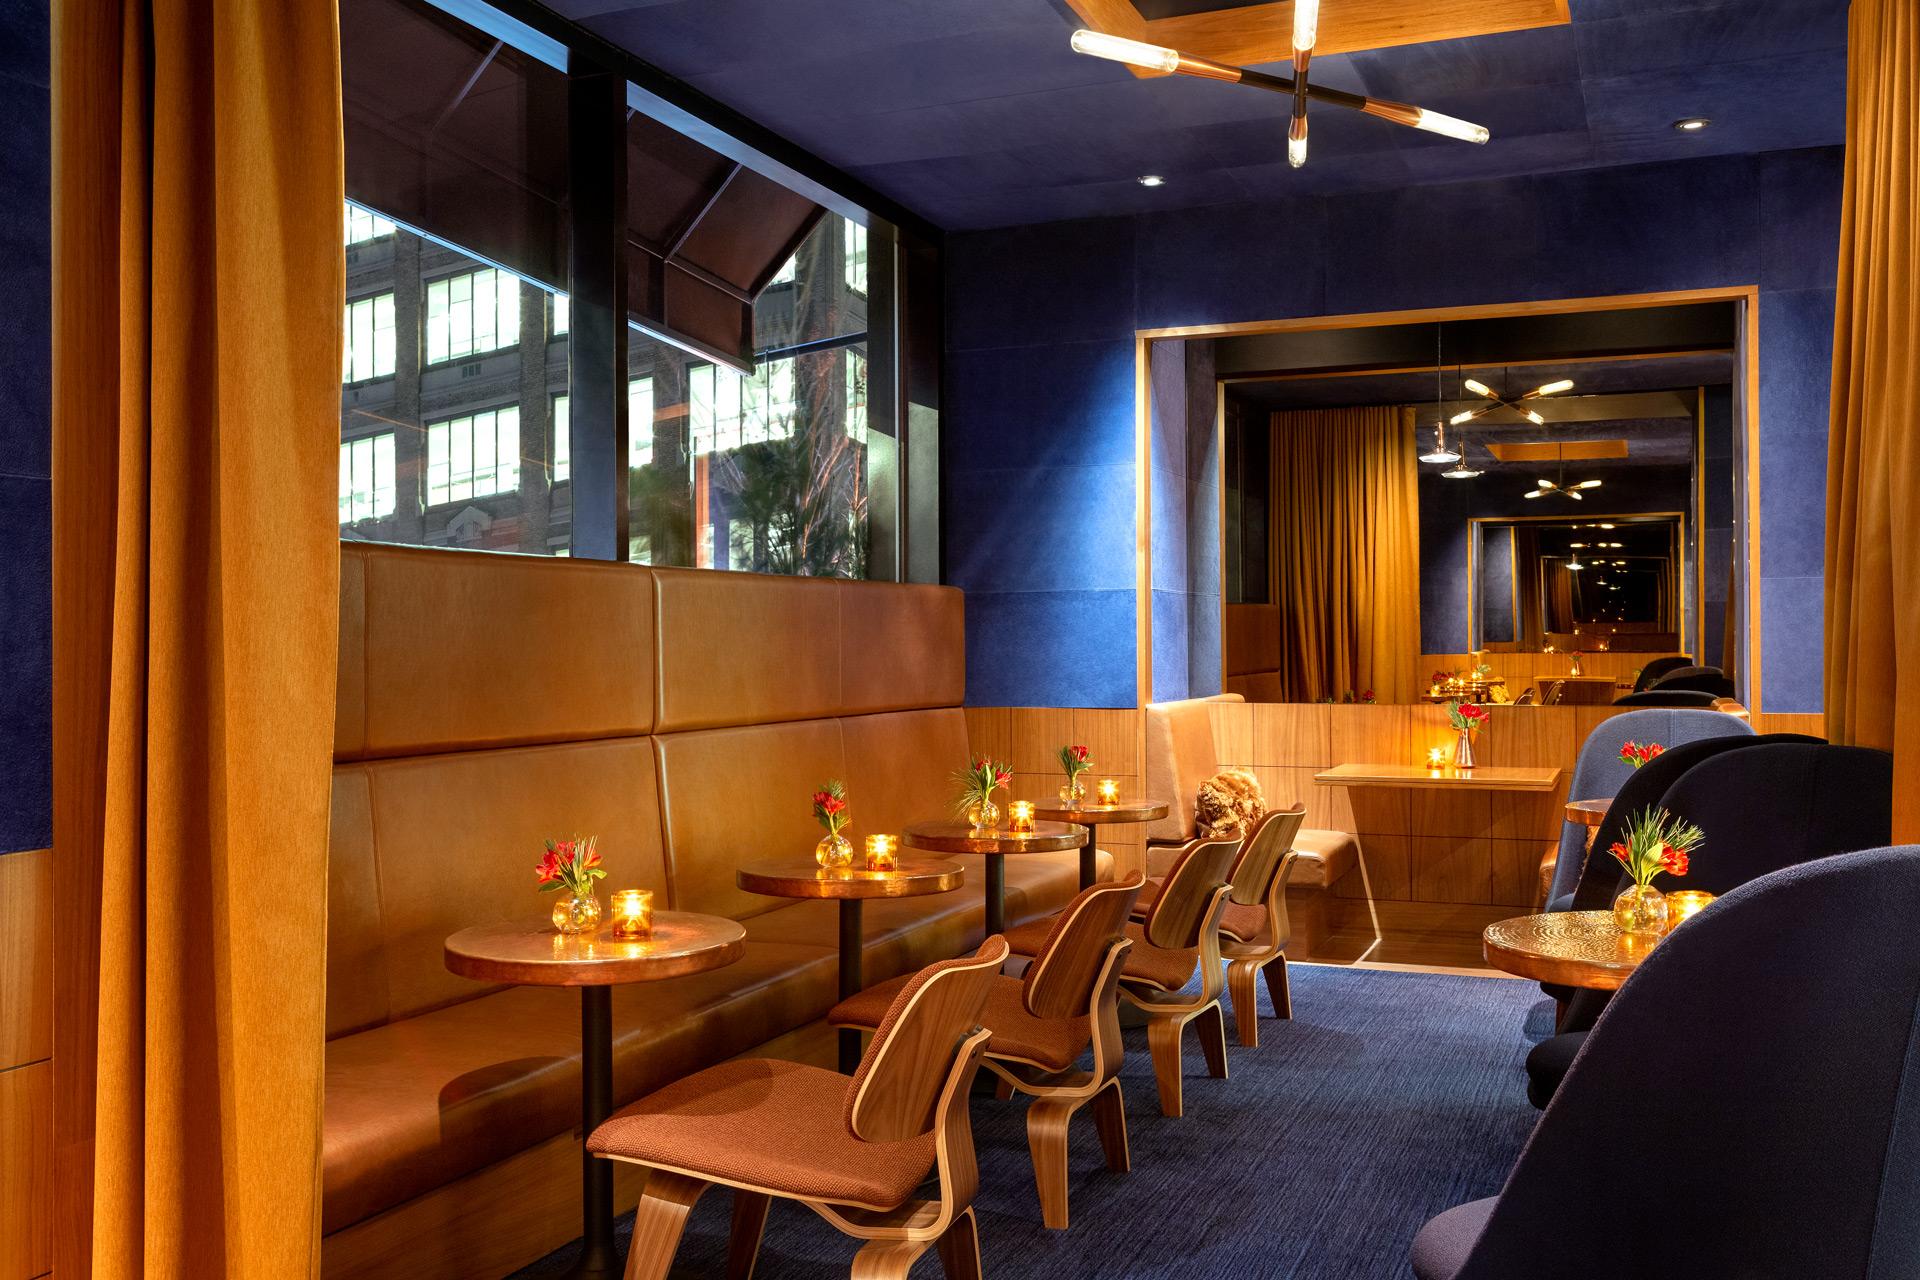 Print Lounge restaurant interiors design